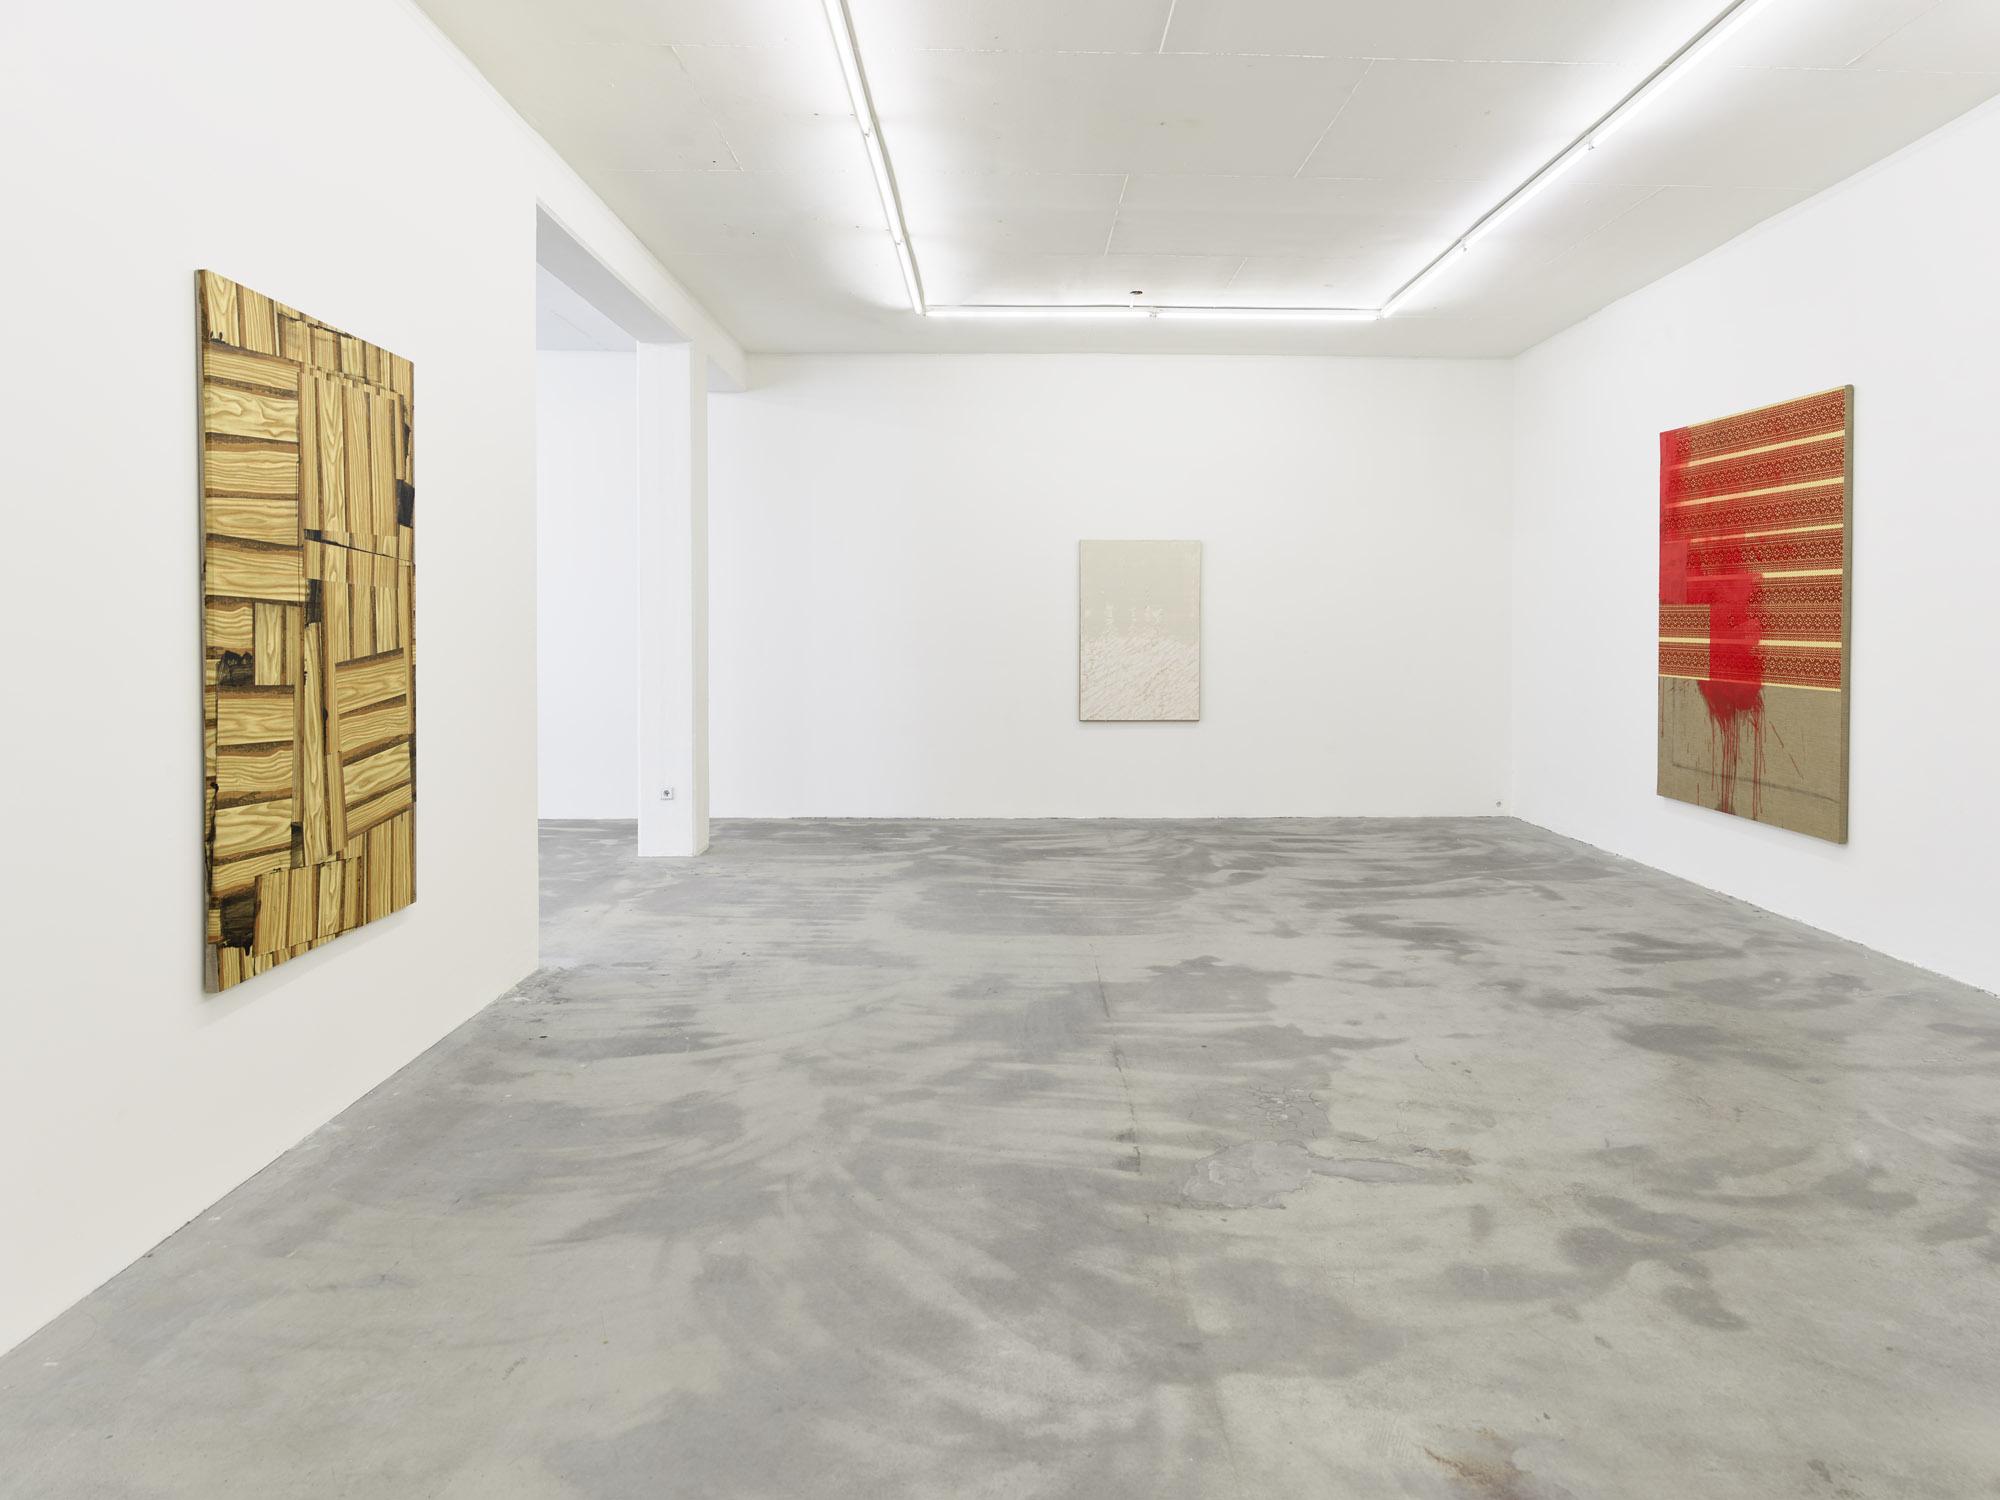 LOKALKOLORIT, 2020, exhibition view Klemm's, Berlin